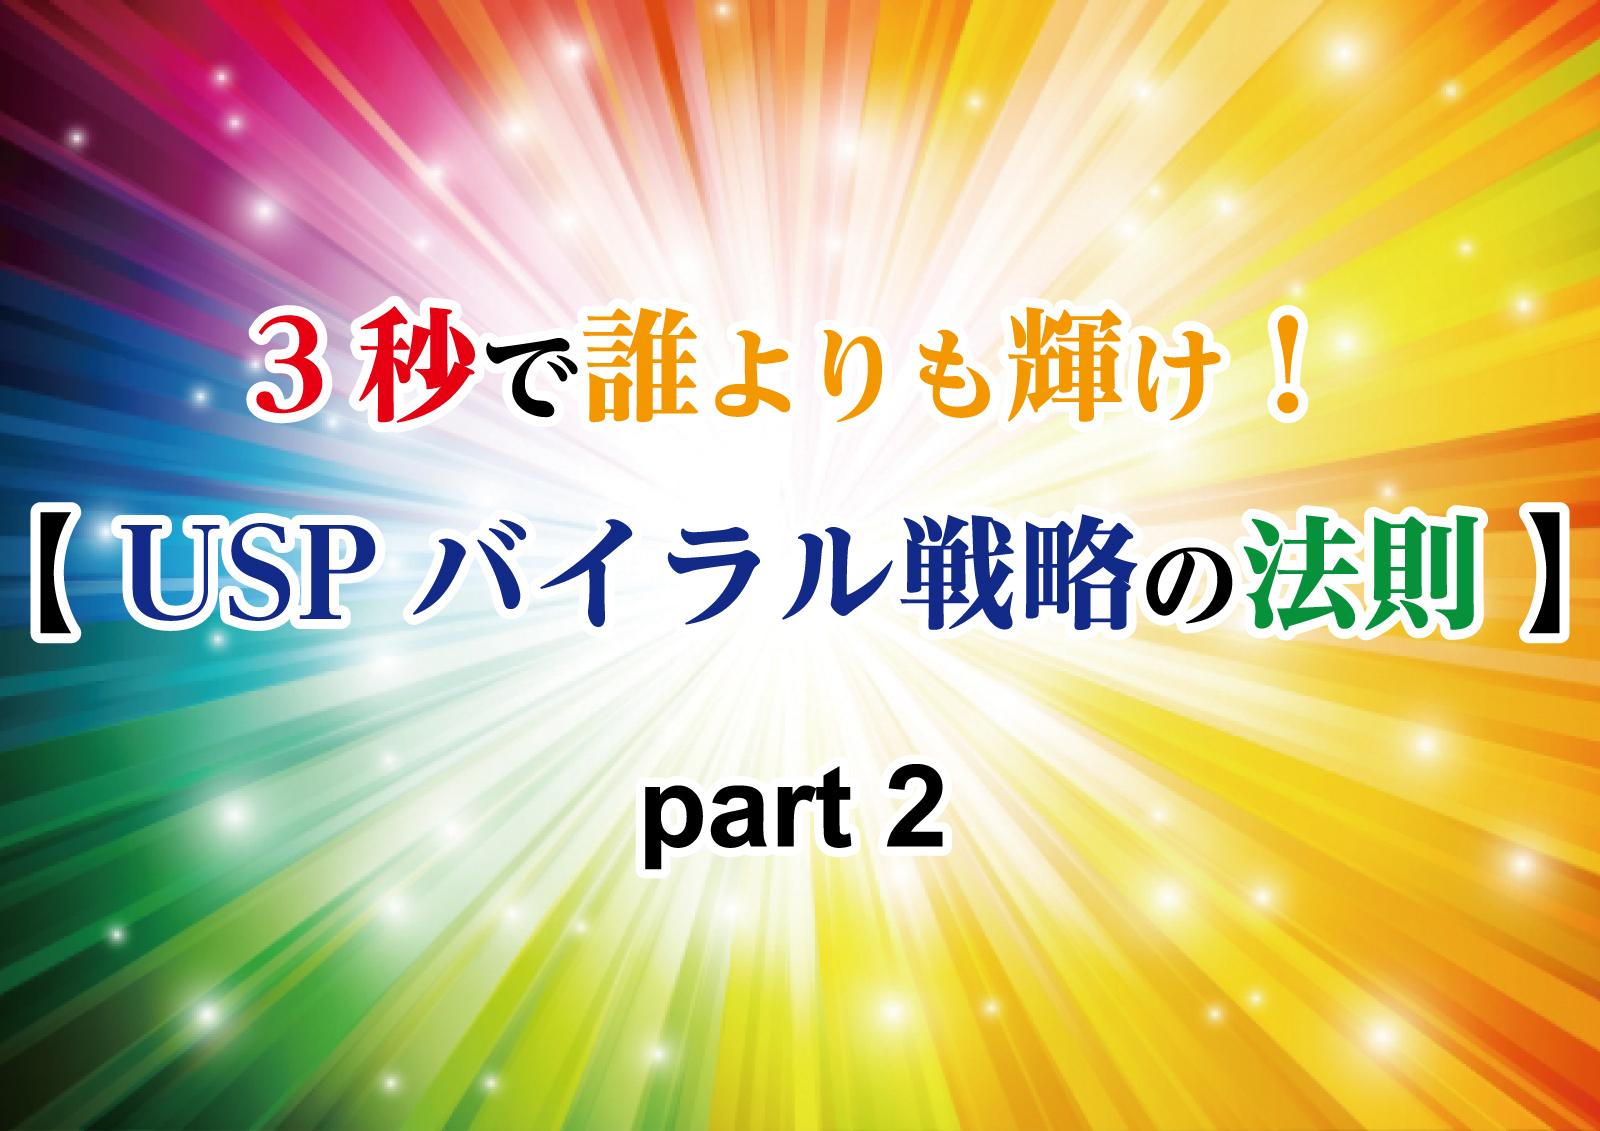 【USPバイラル戦略の法則】 part2 成功すると決める。成功した状態を決める。のサムネイル